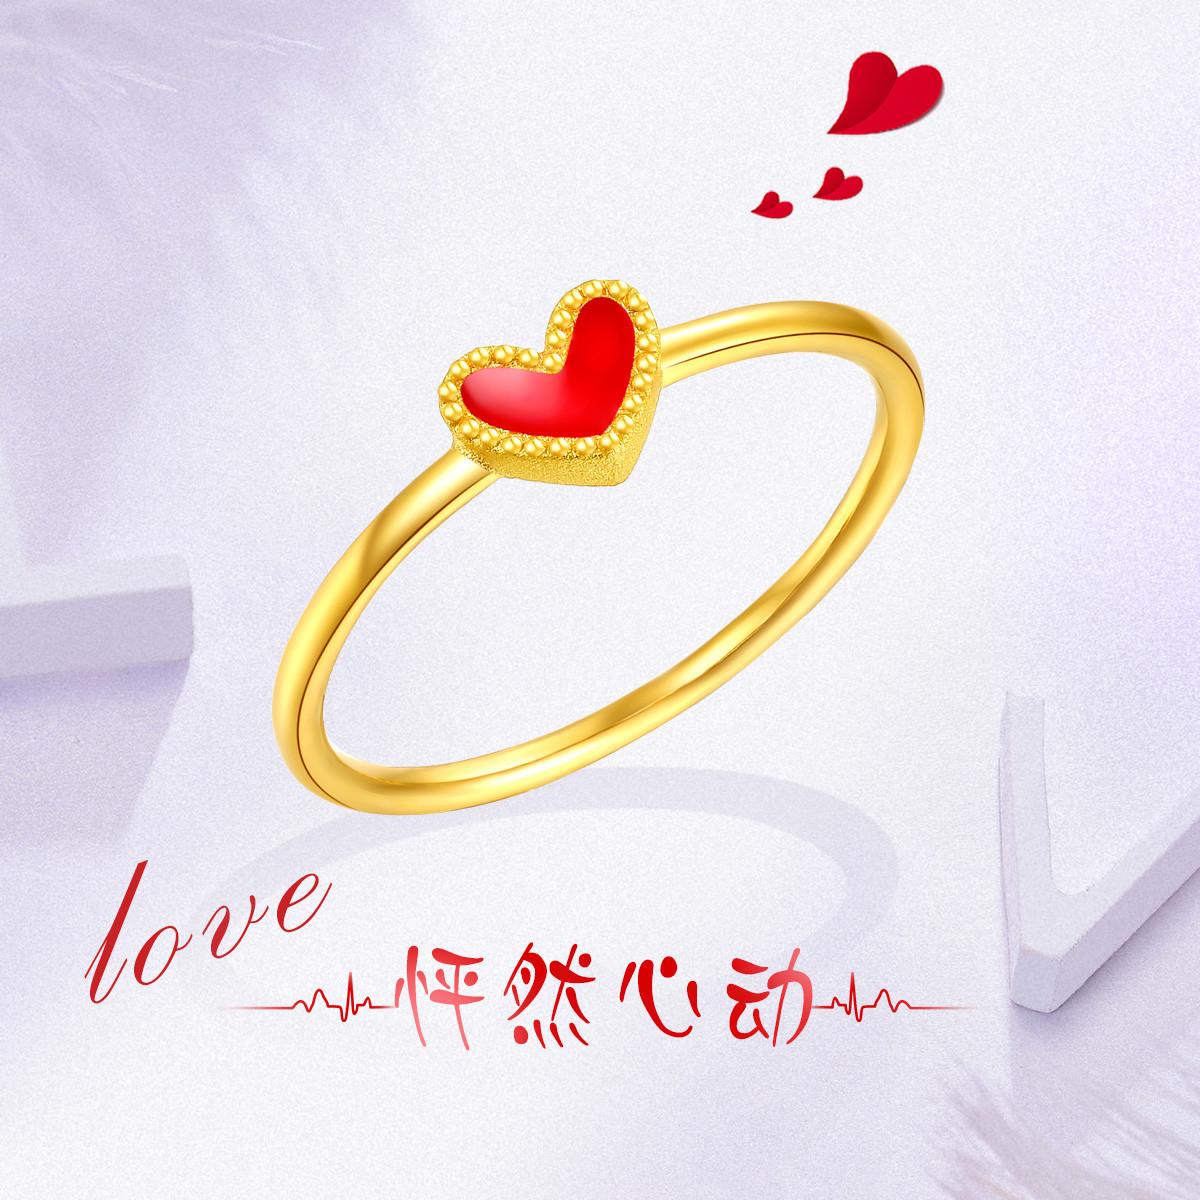 吉盟珠宝吉盟珠宝 黄金戒指女士时尚小红心系列爱心戒指心型足金指环婚戒AR058